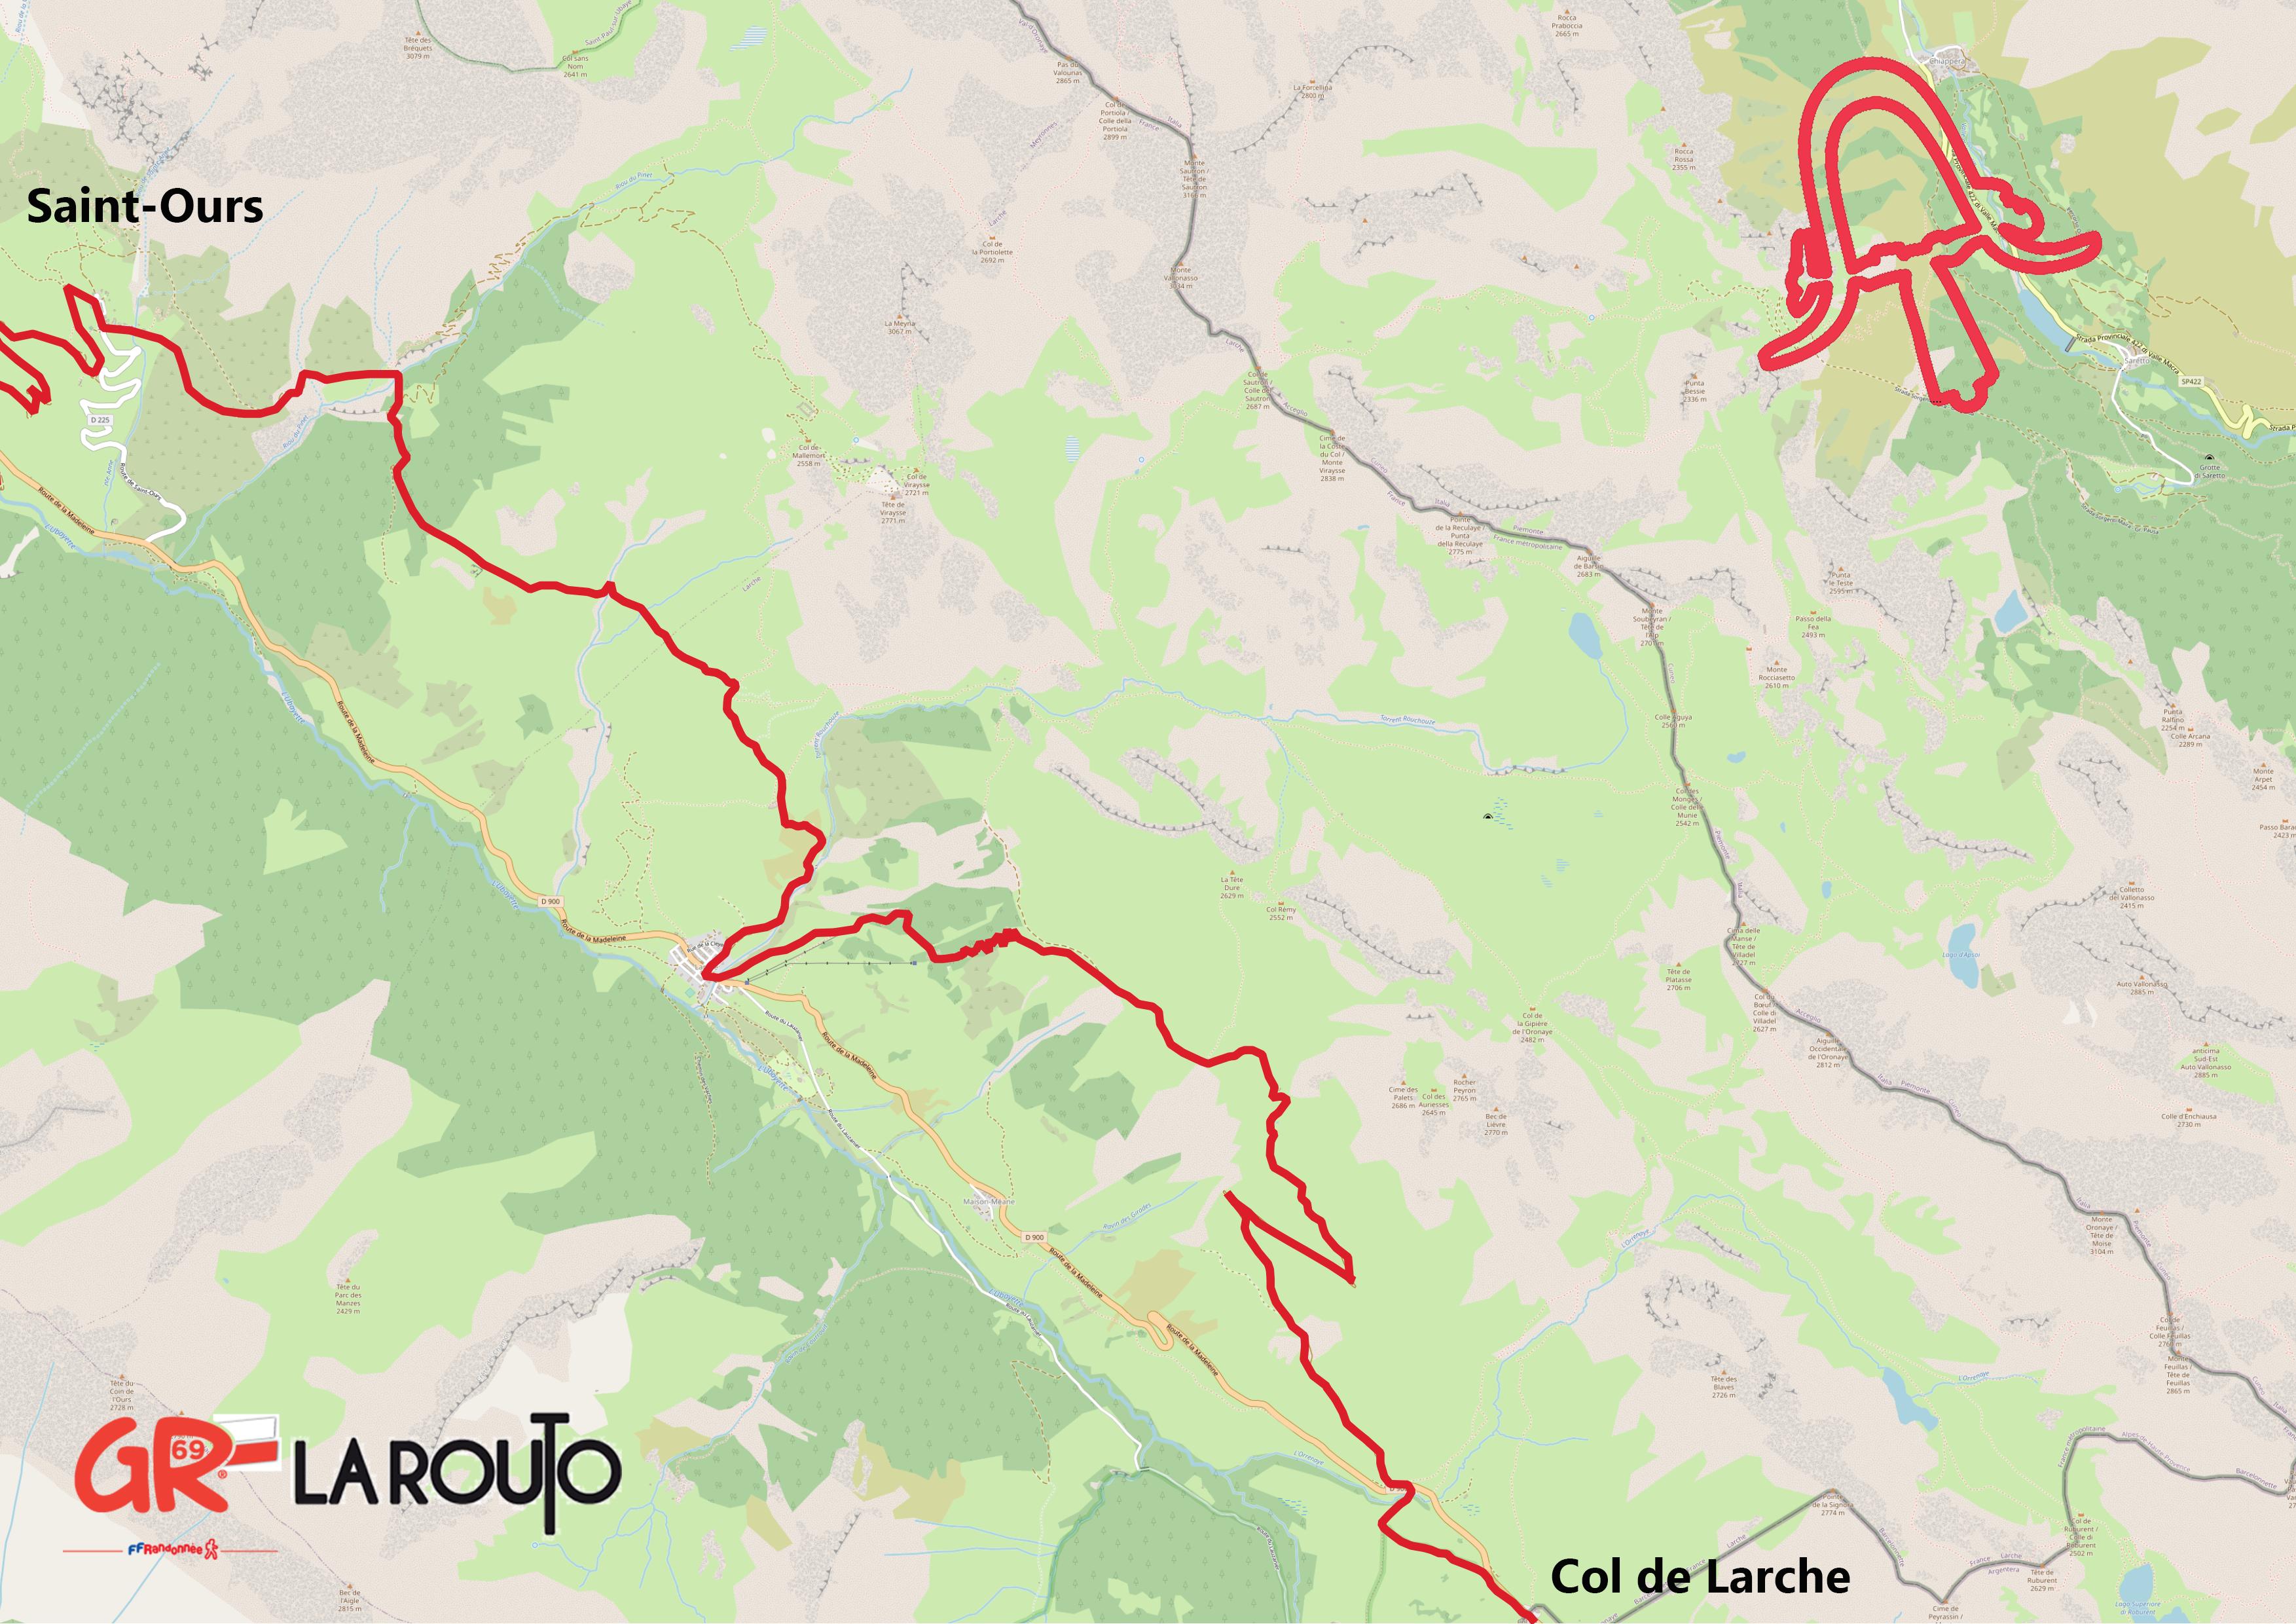 etape-24-saint-ours-col-de-larche